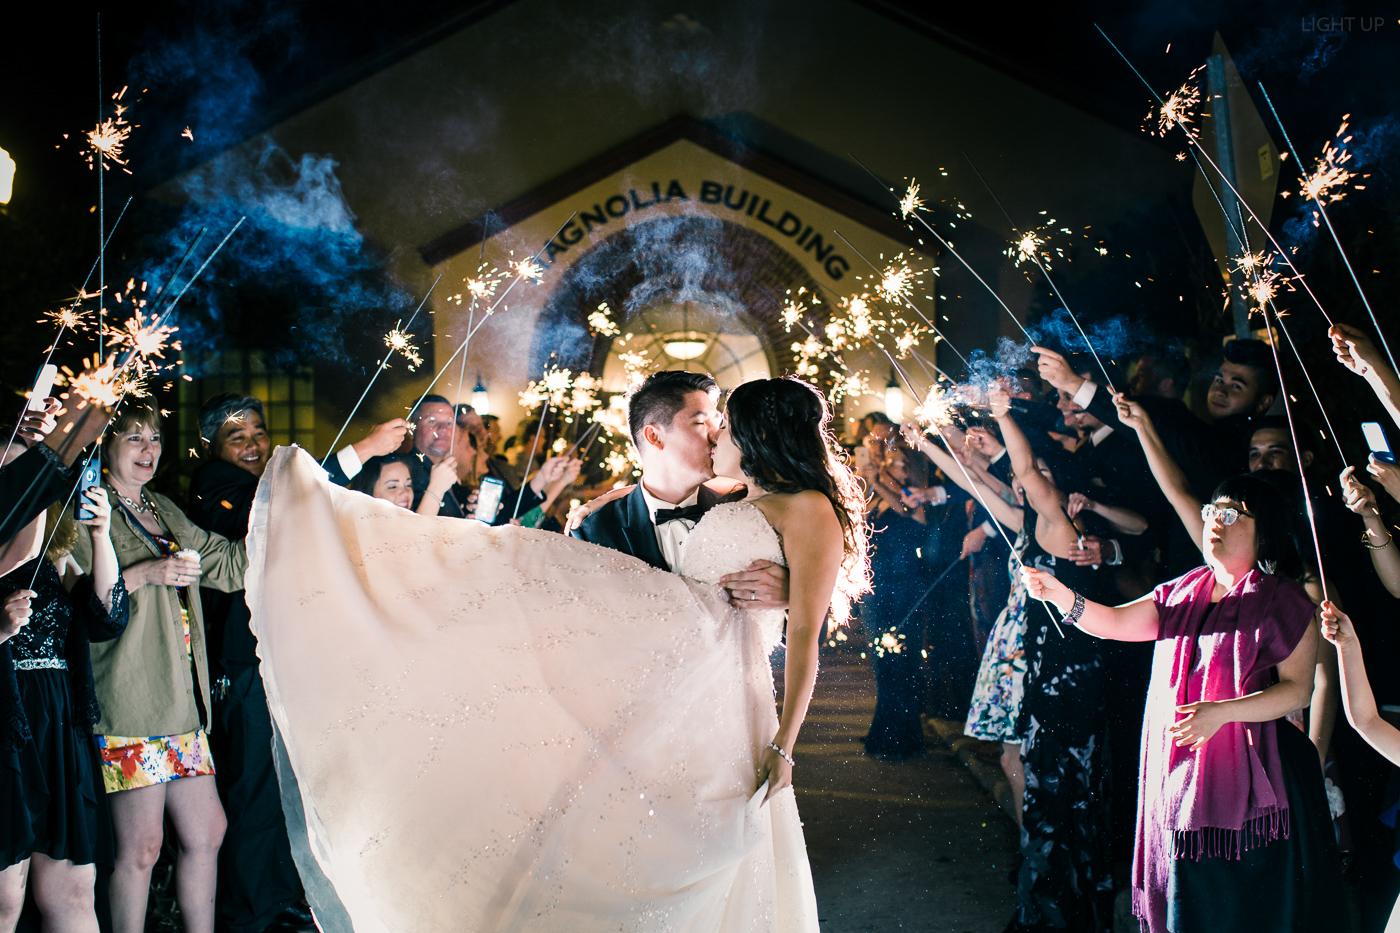 bride and groom at magnolia building wedding-6.jpg